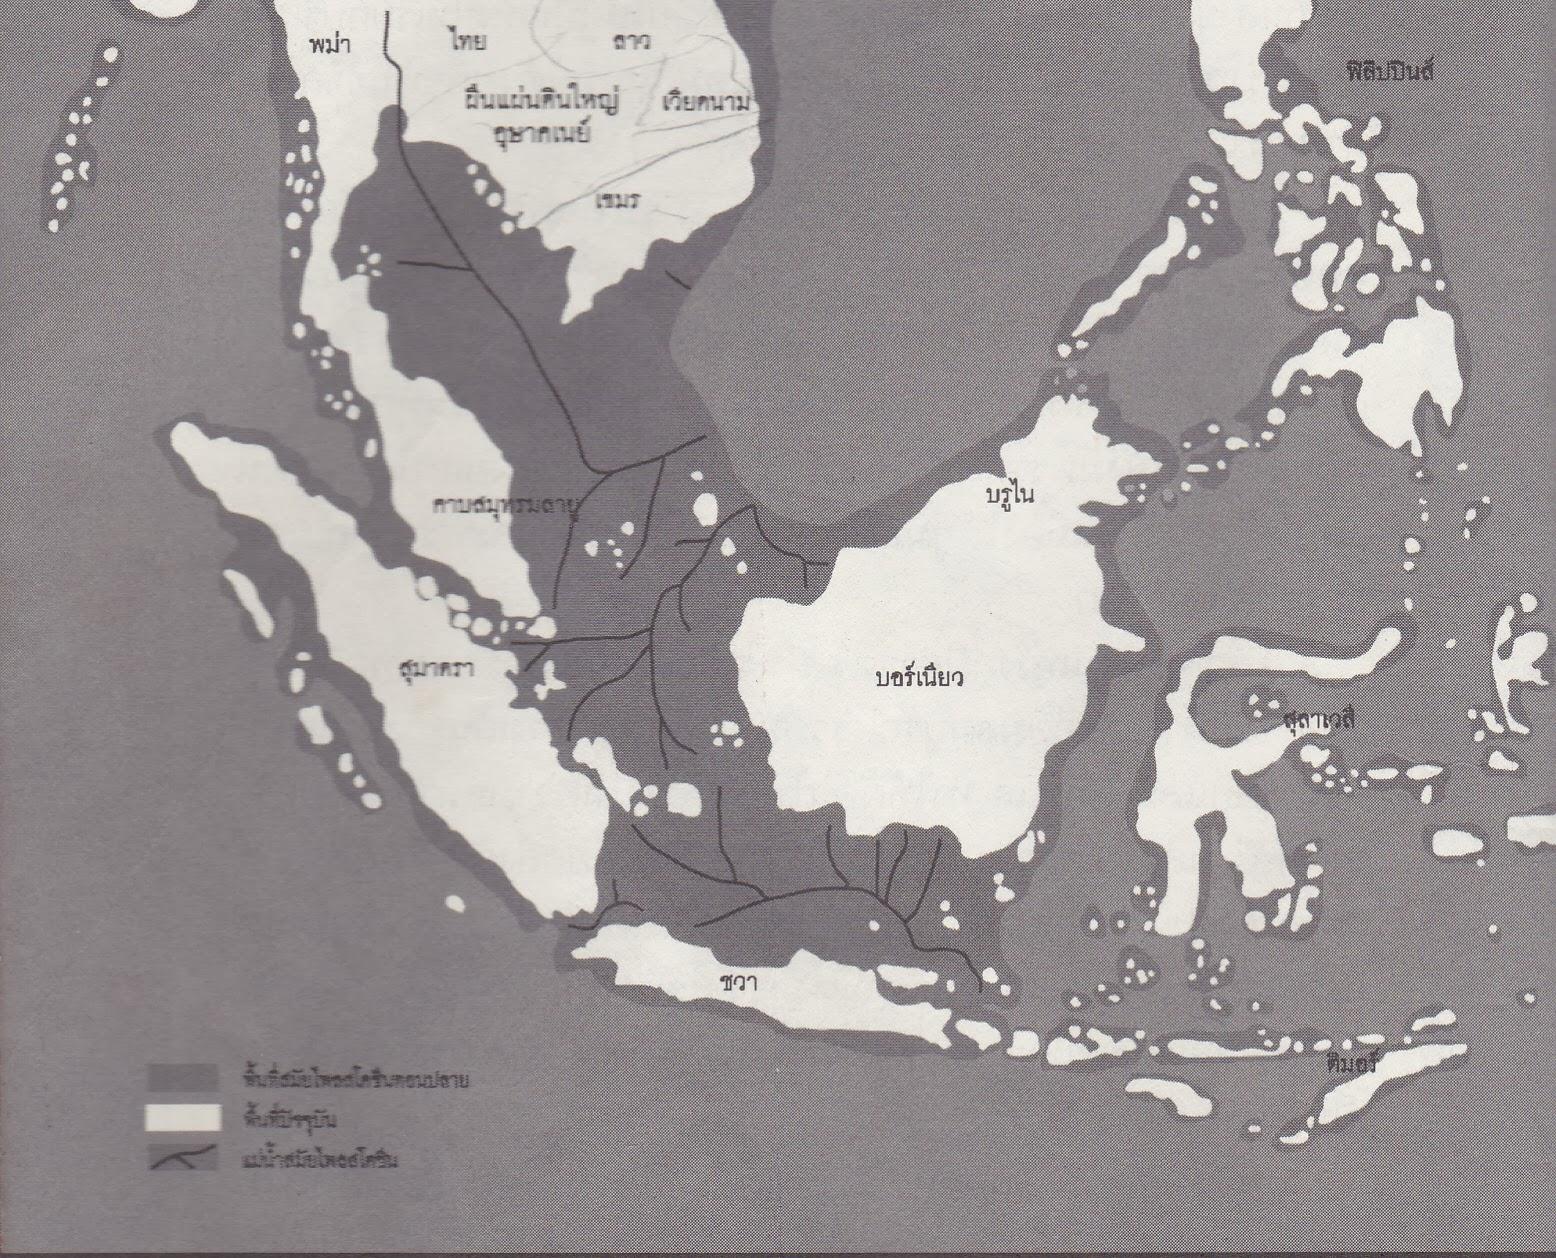 แผนที่แสดงถึงยุคน้ำแข็งที่แผ่นดินเชื่อมต่อกัน